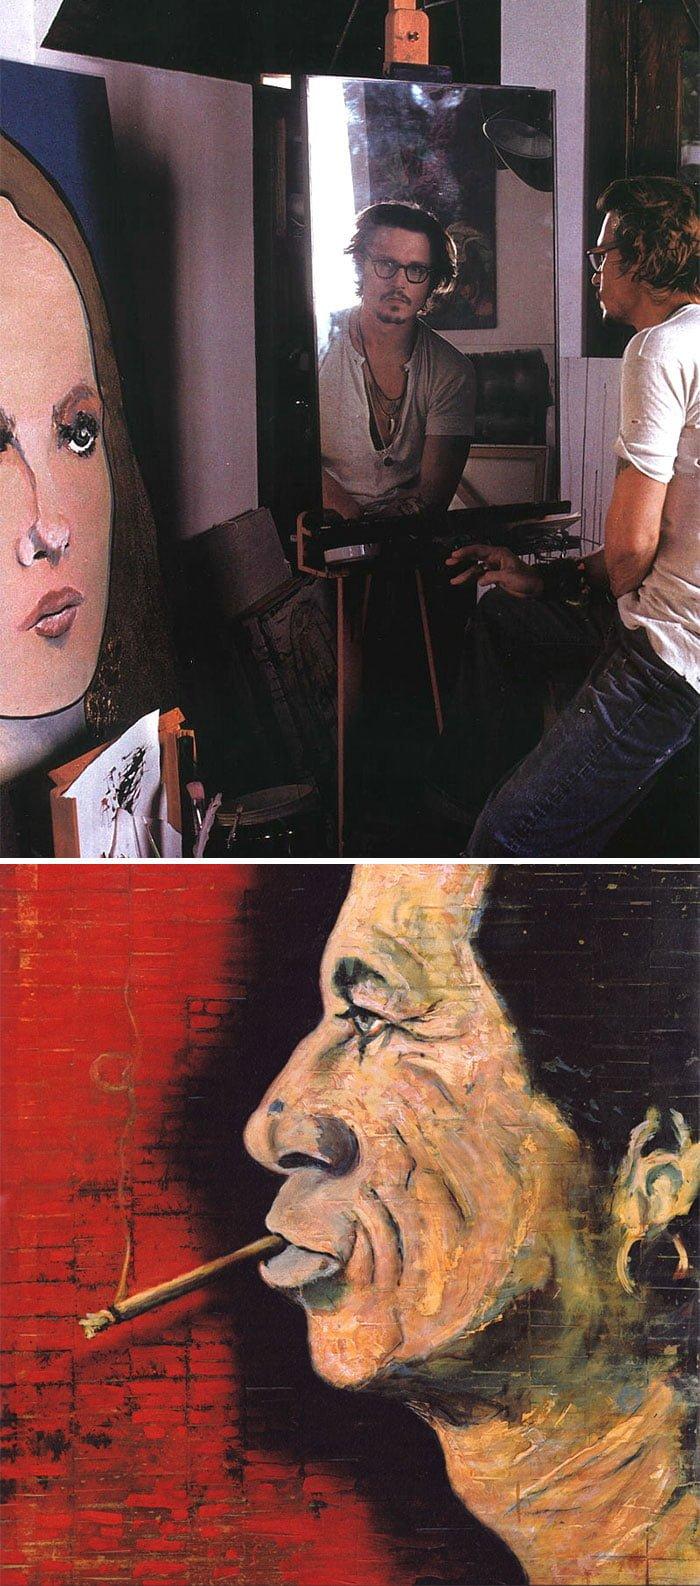 a0KQ9QQ 700b - ¿Podías imaginarte que estas celebridades sabían pintar? Aquí te mostraremos sus increíbles obras.